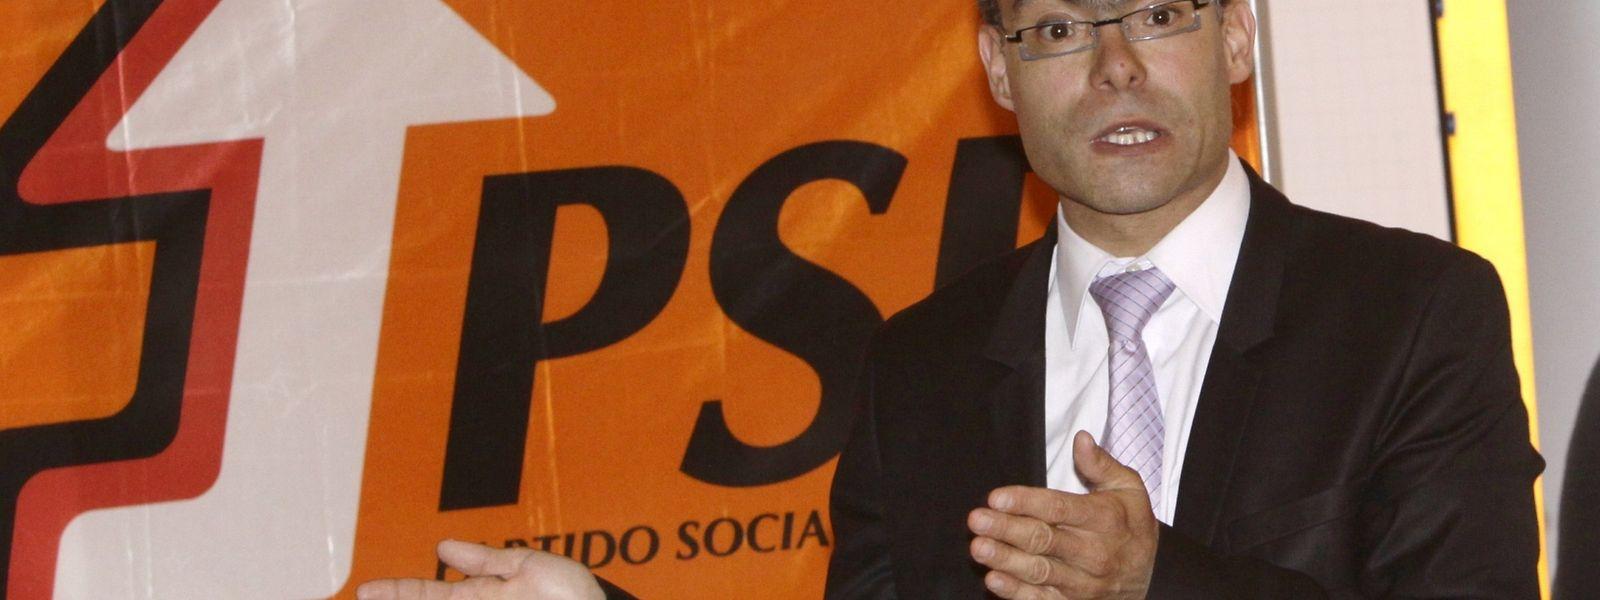 Custódio Portásio alega motivos de saúde para a mudança de residência para Portugal. Esta mudança de residência poderá pôr termo ao seu mandato, de acordo com a lei do Conselho das Comunidades.